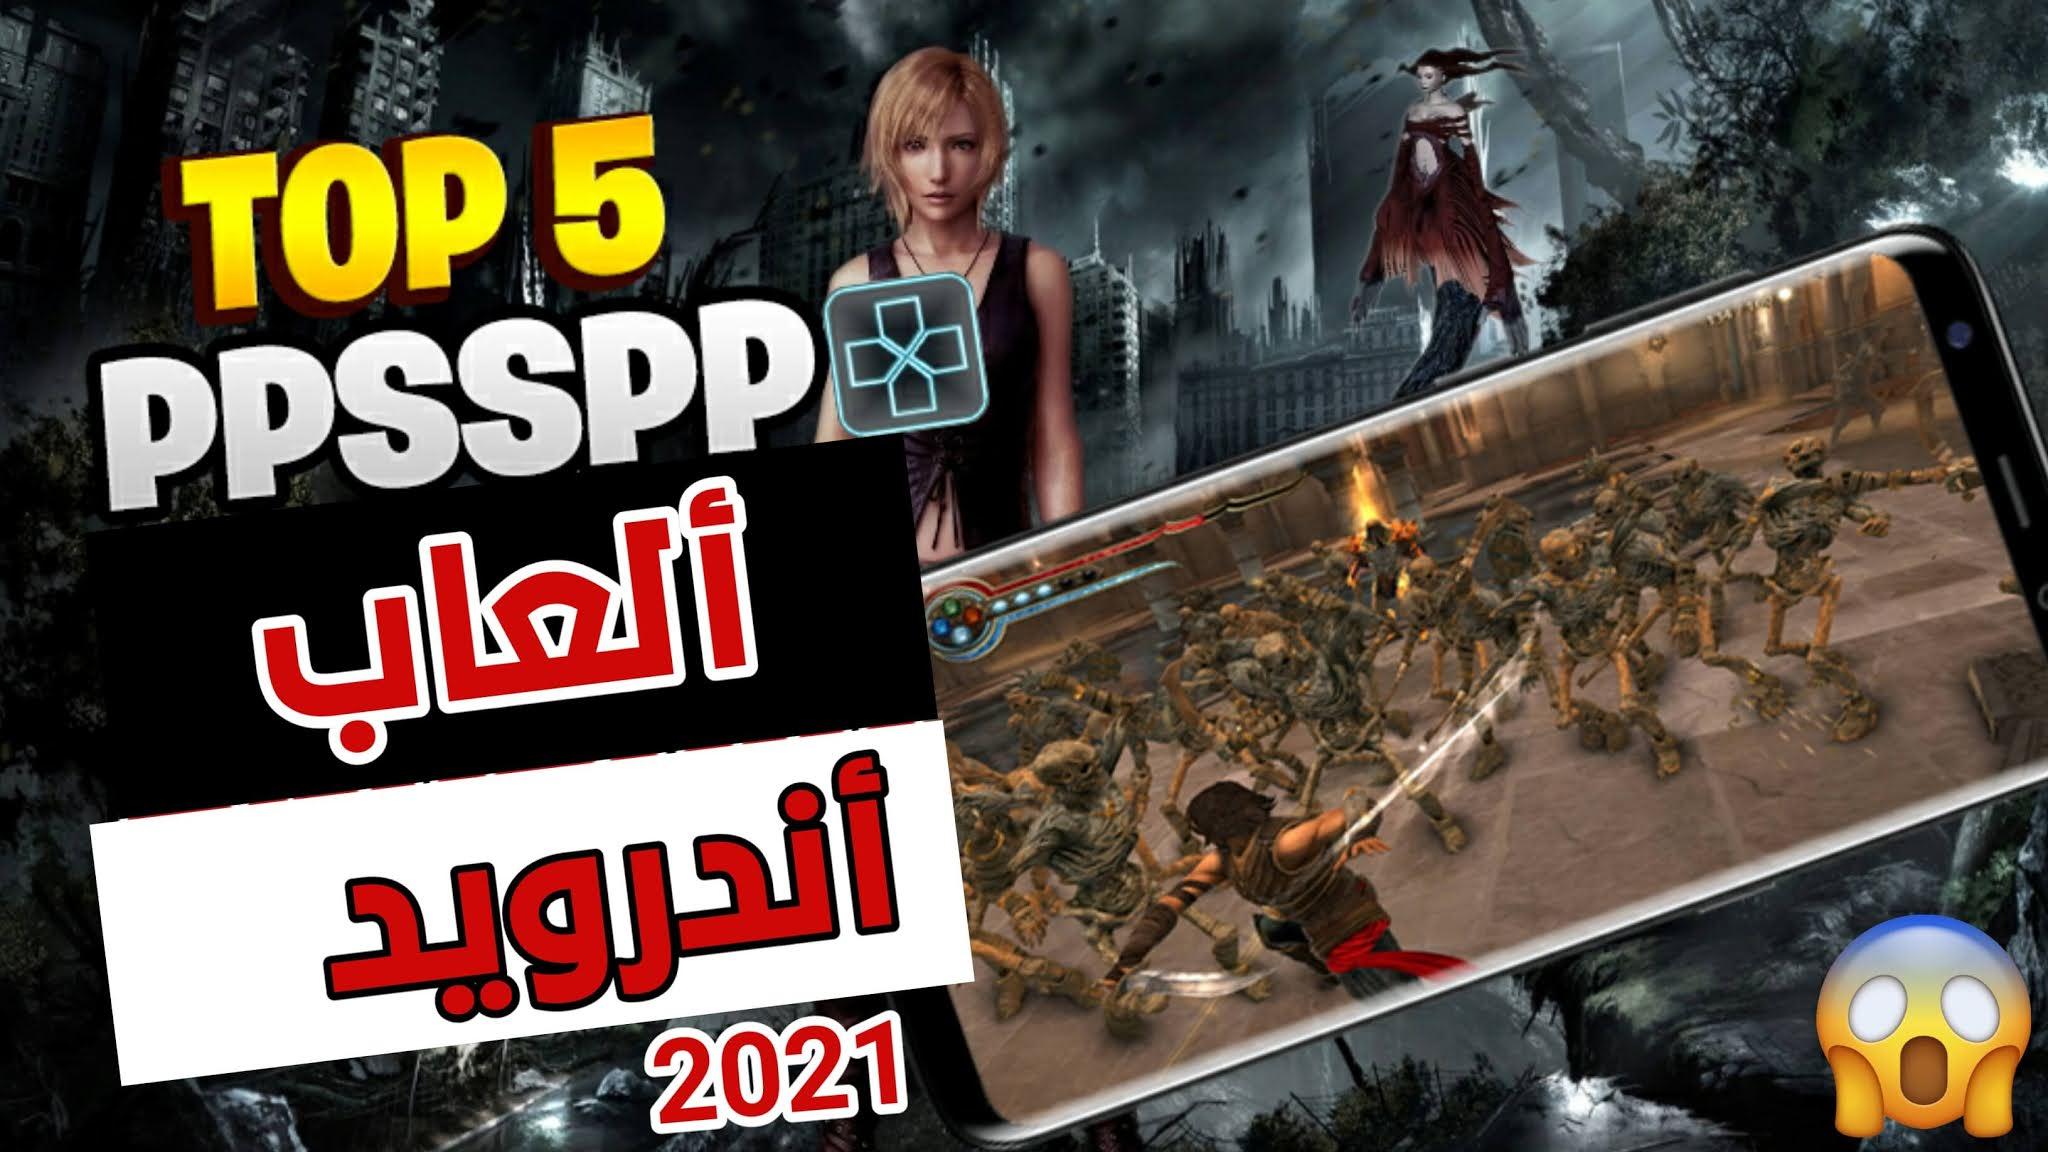 تحميل أفضل 5 ألعاب PSP للجهاز الأندرويد بحجم صغير لسنة 2021